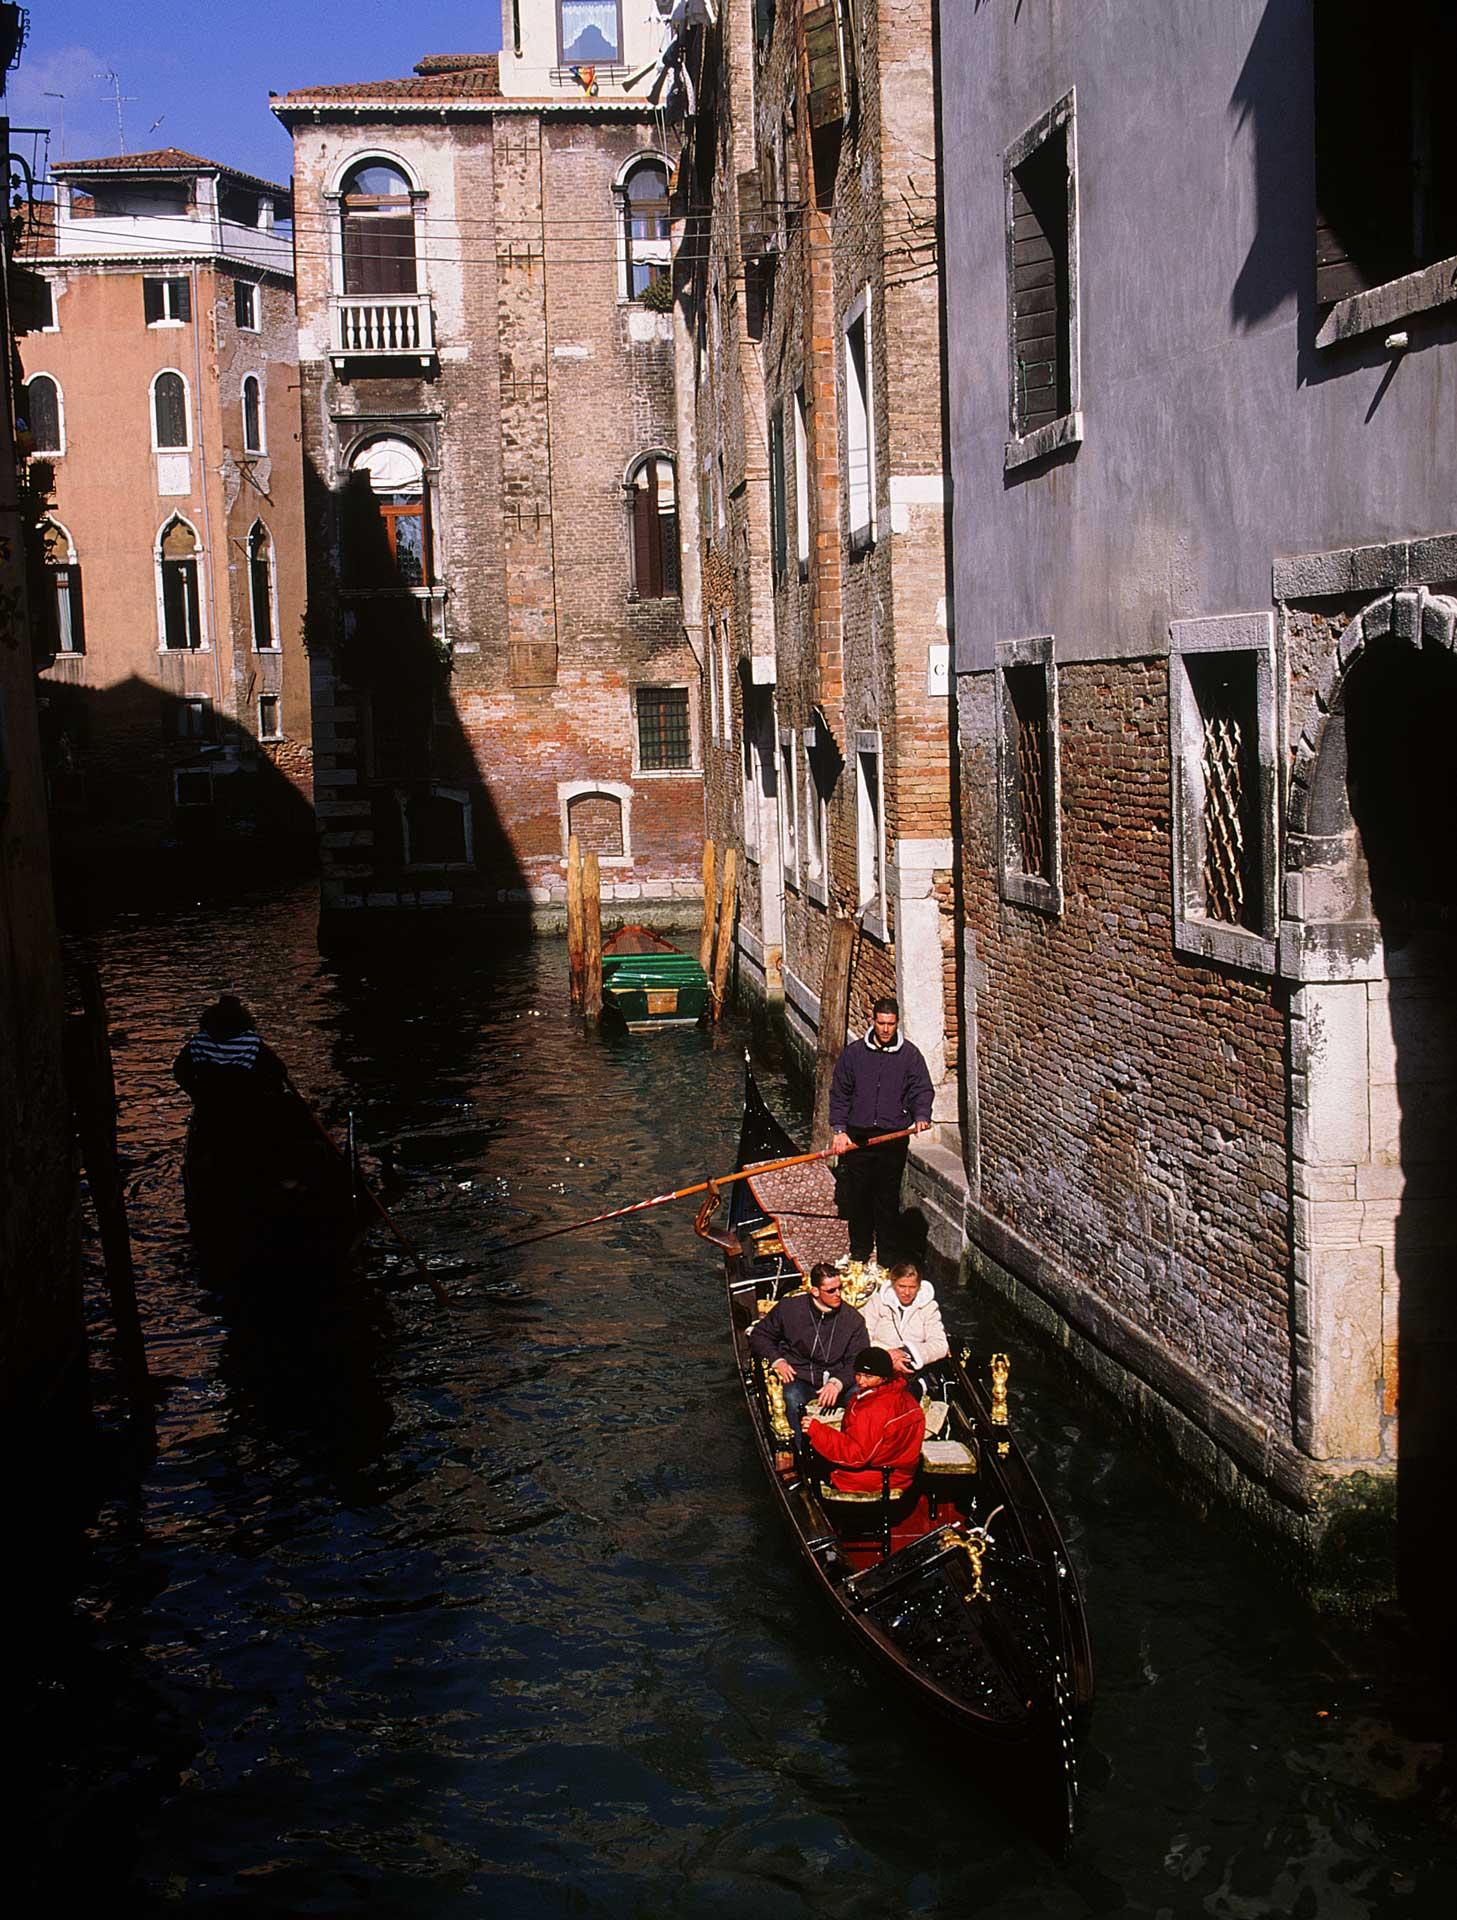 Konferensresa Venedig Italien med traditionell gondoltur